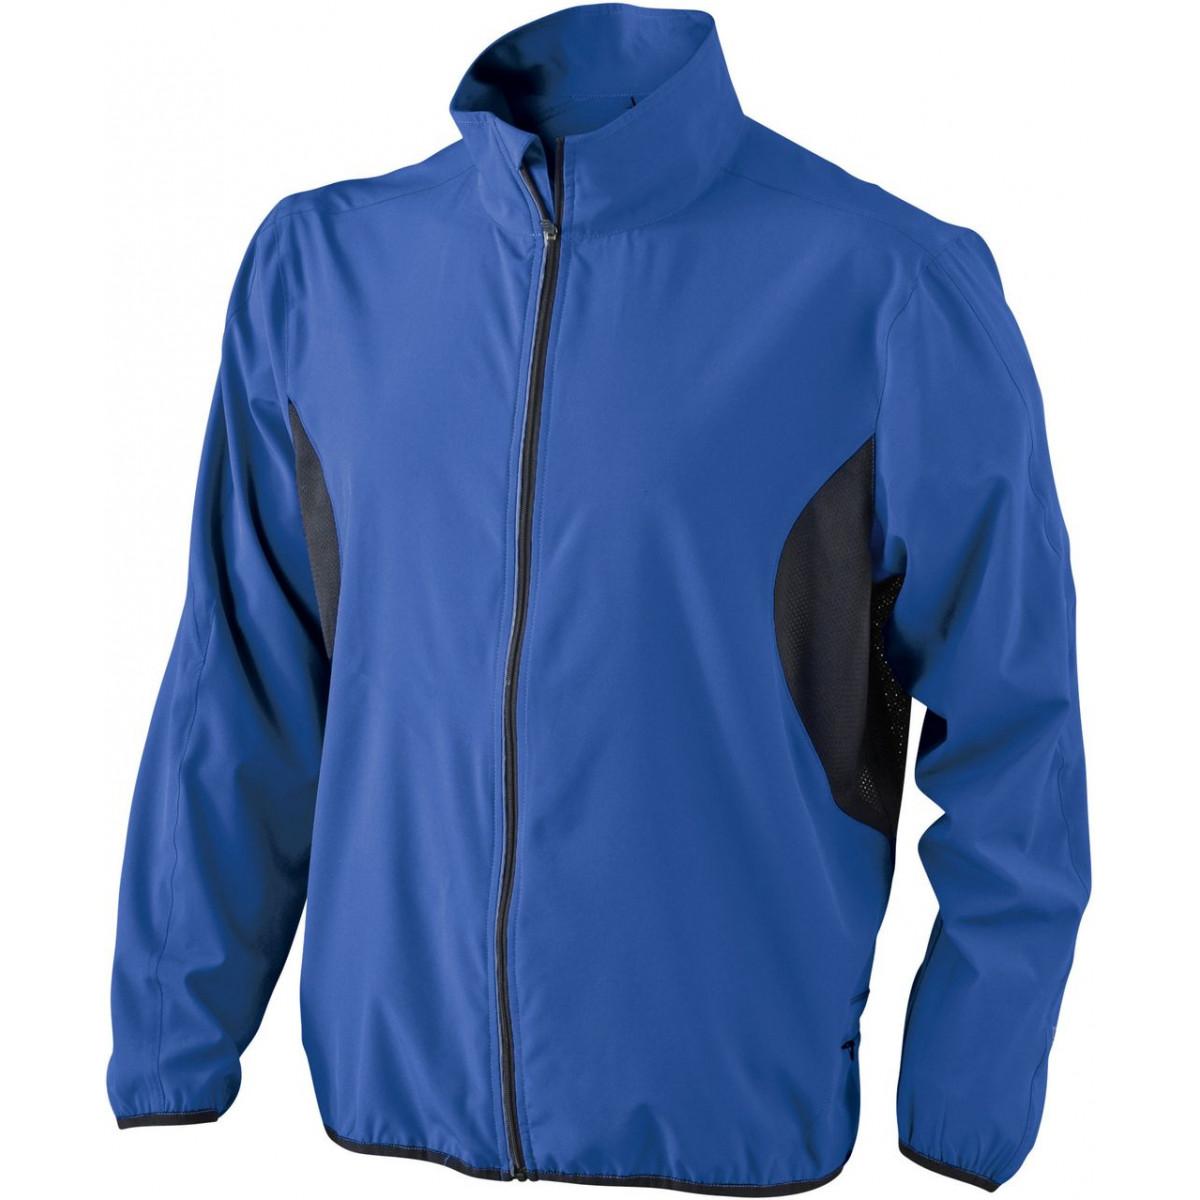 Куртка мужская JN444 Mens Running Jacket - Ярко-синий/Черный